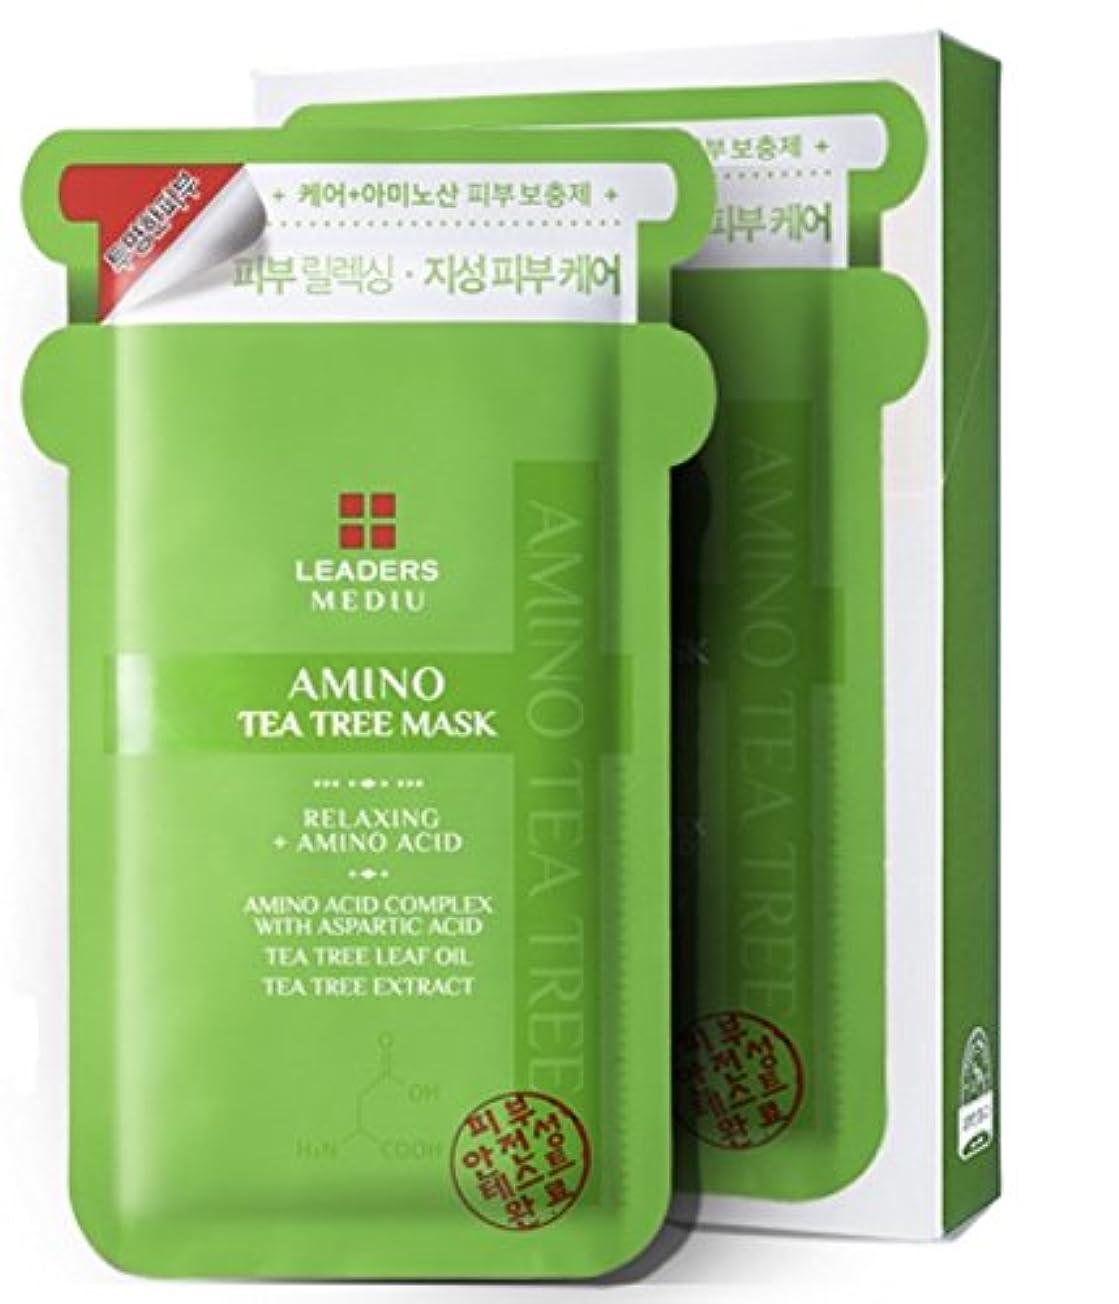 スピーカー詳細にスーツケース[LEADERS] リーダーズメディ有アミノティーツリーマスク 25ml x10枚 (LEADERS MEDIU Amino Tea Tree Mask 25mlx10ea) [海外直送品]